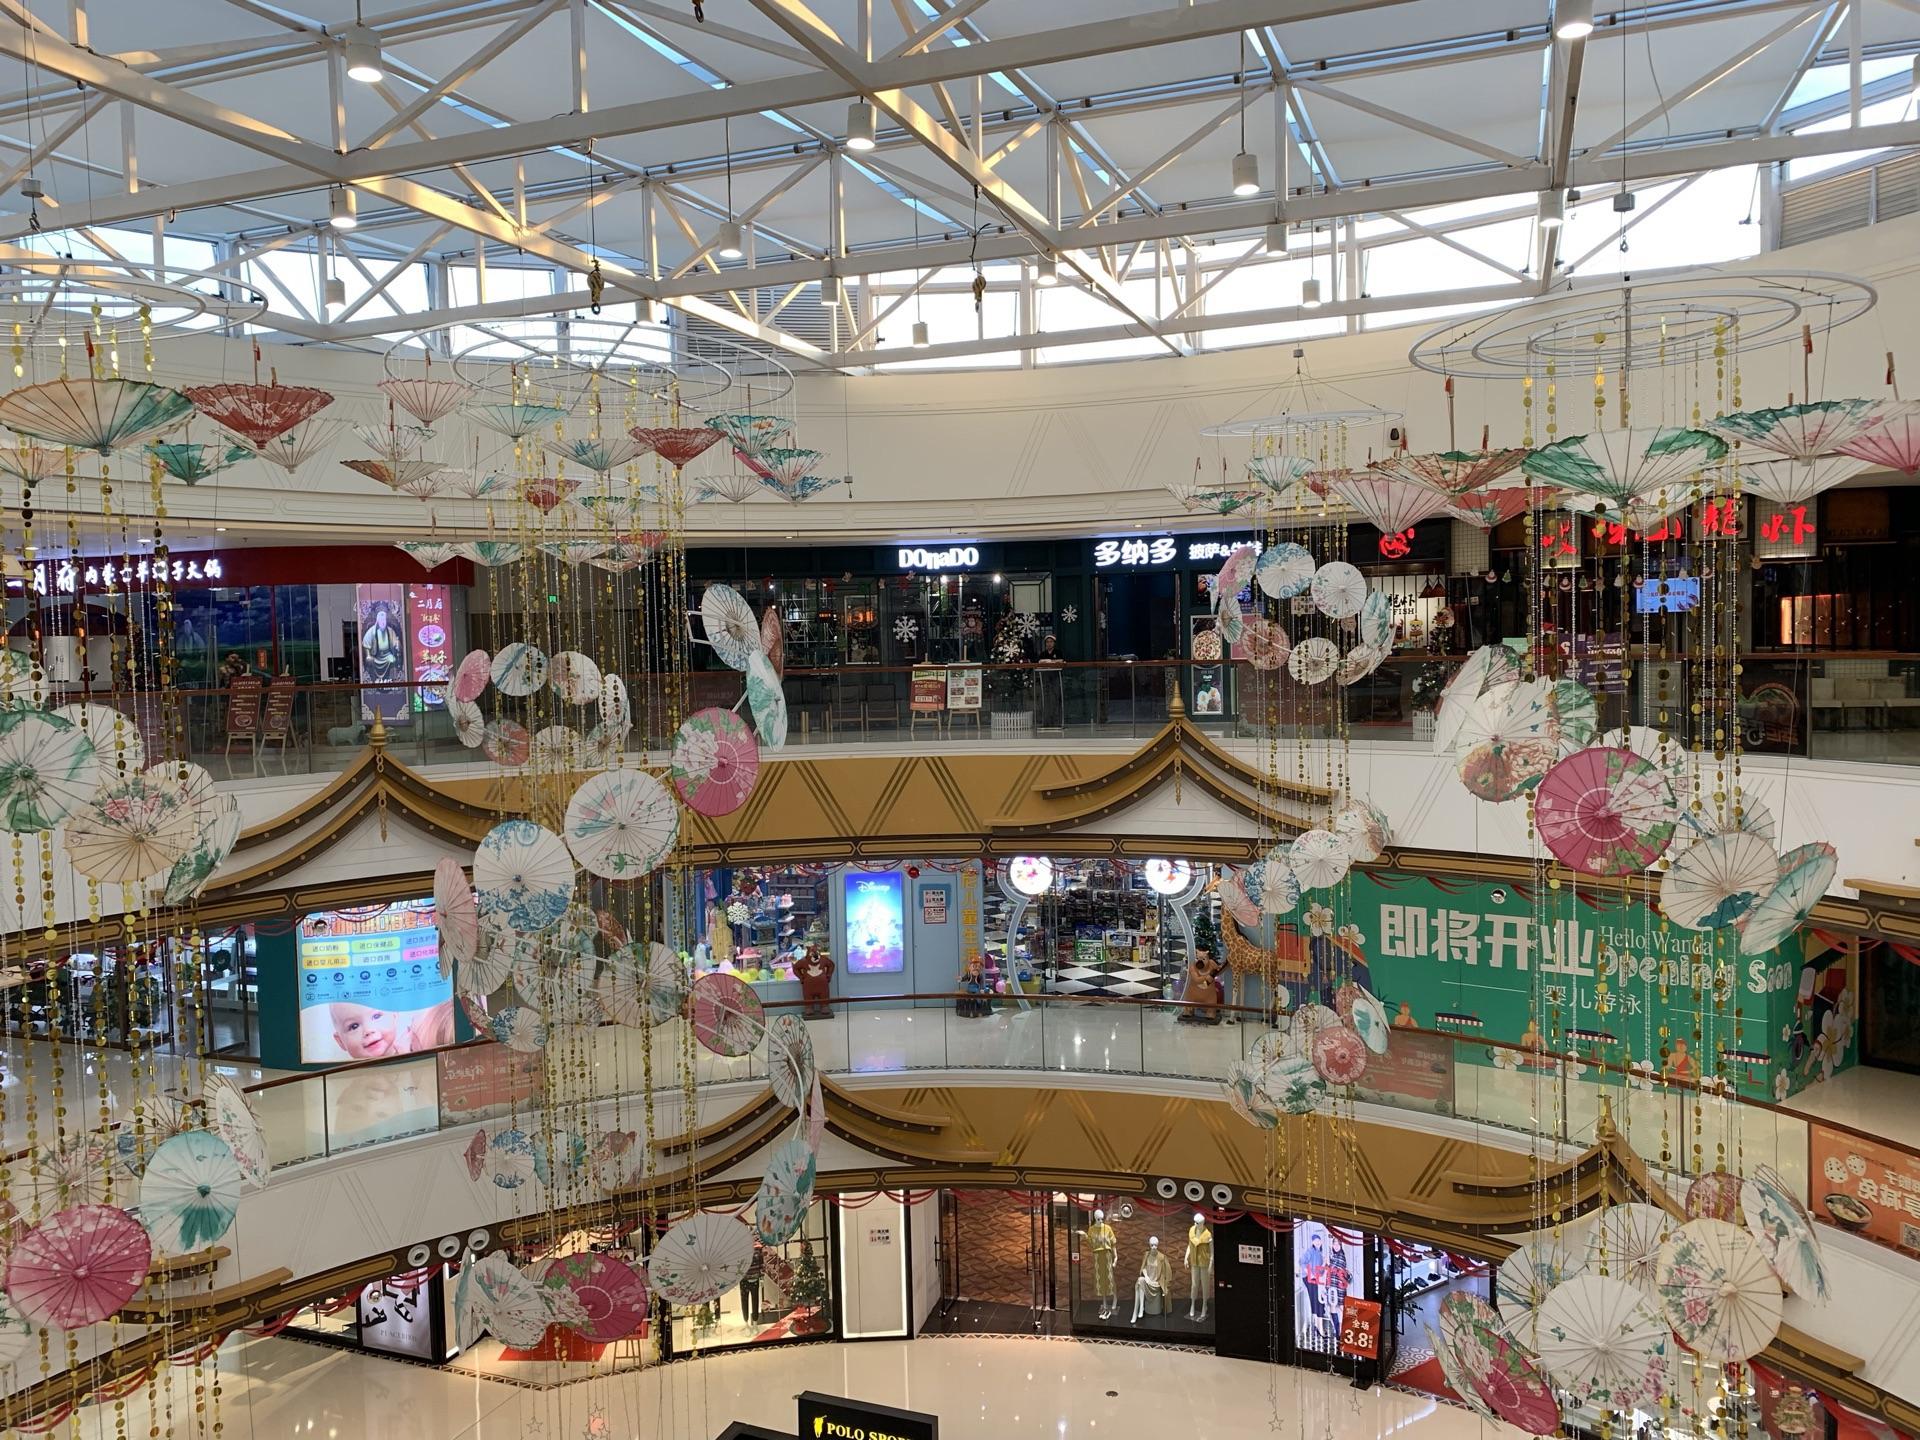 上海有几家万达_景洪万达广场购物攻略,万达广场物中心/地址/电话/营业时间 ...